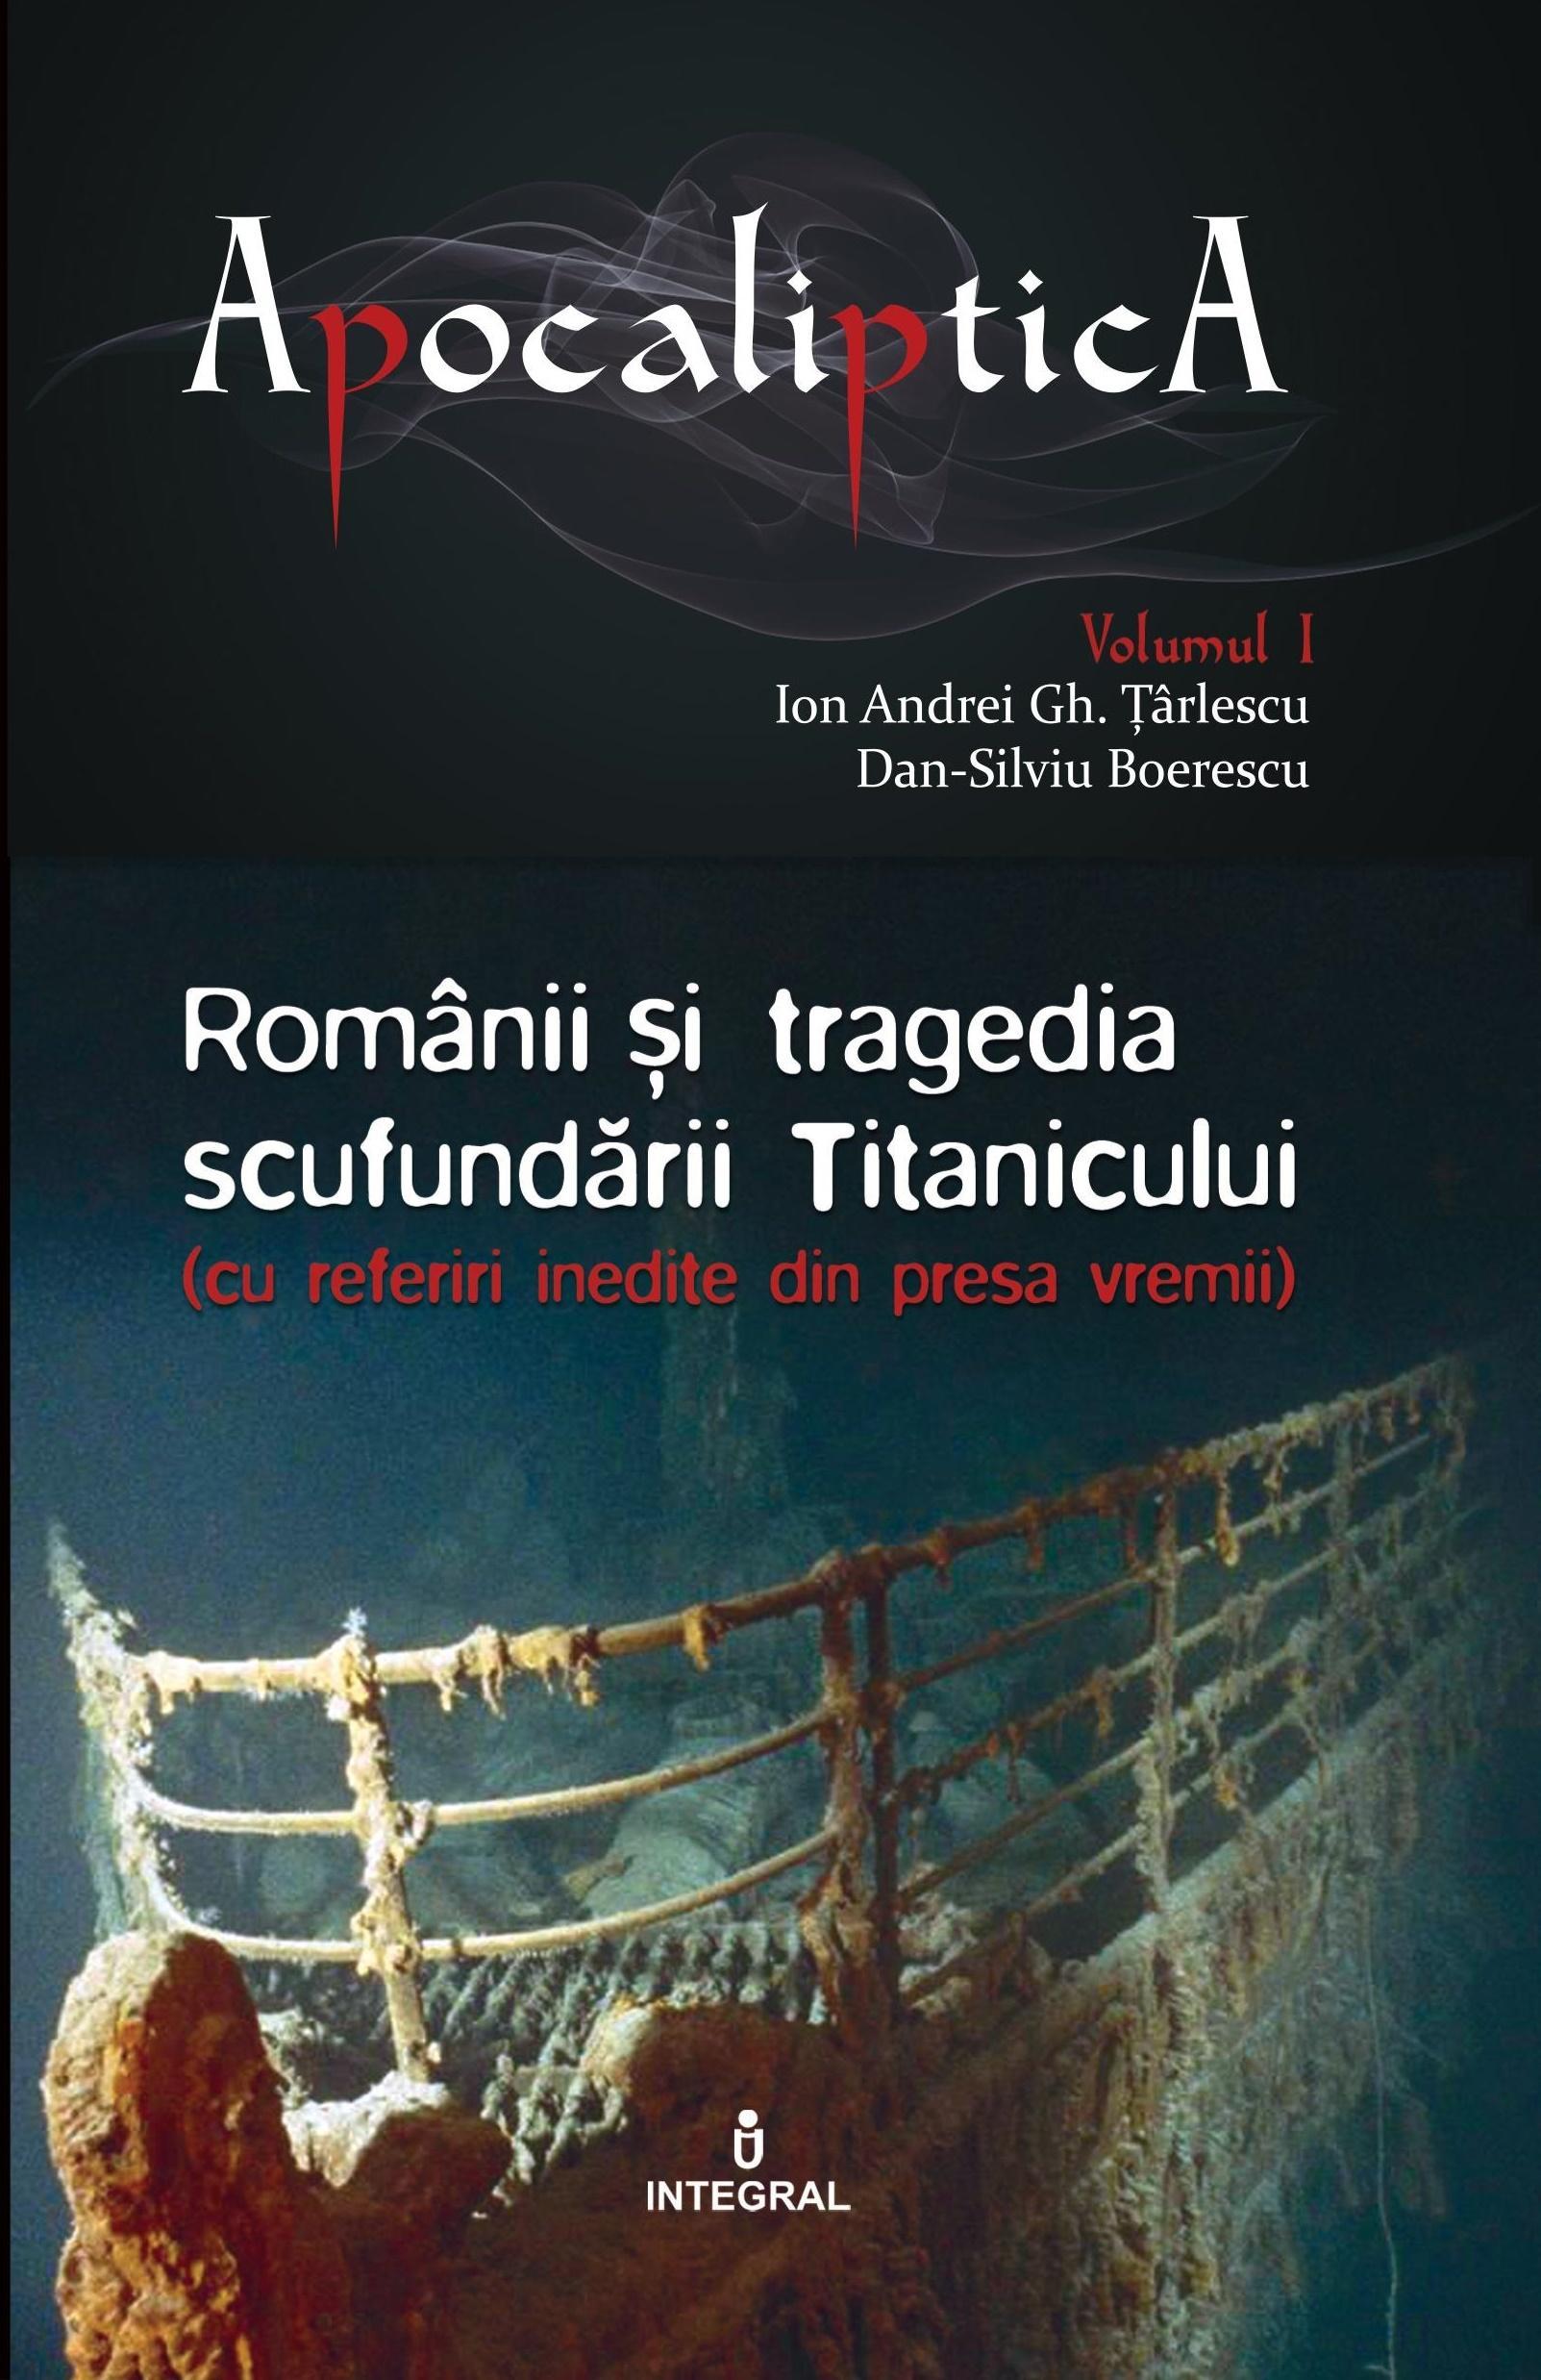 """Cărți spectaculoase, apărute în premieră în România! JURNALUL lansează miercuri colecția """"APOCALIPTICA"""""""